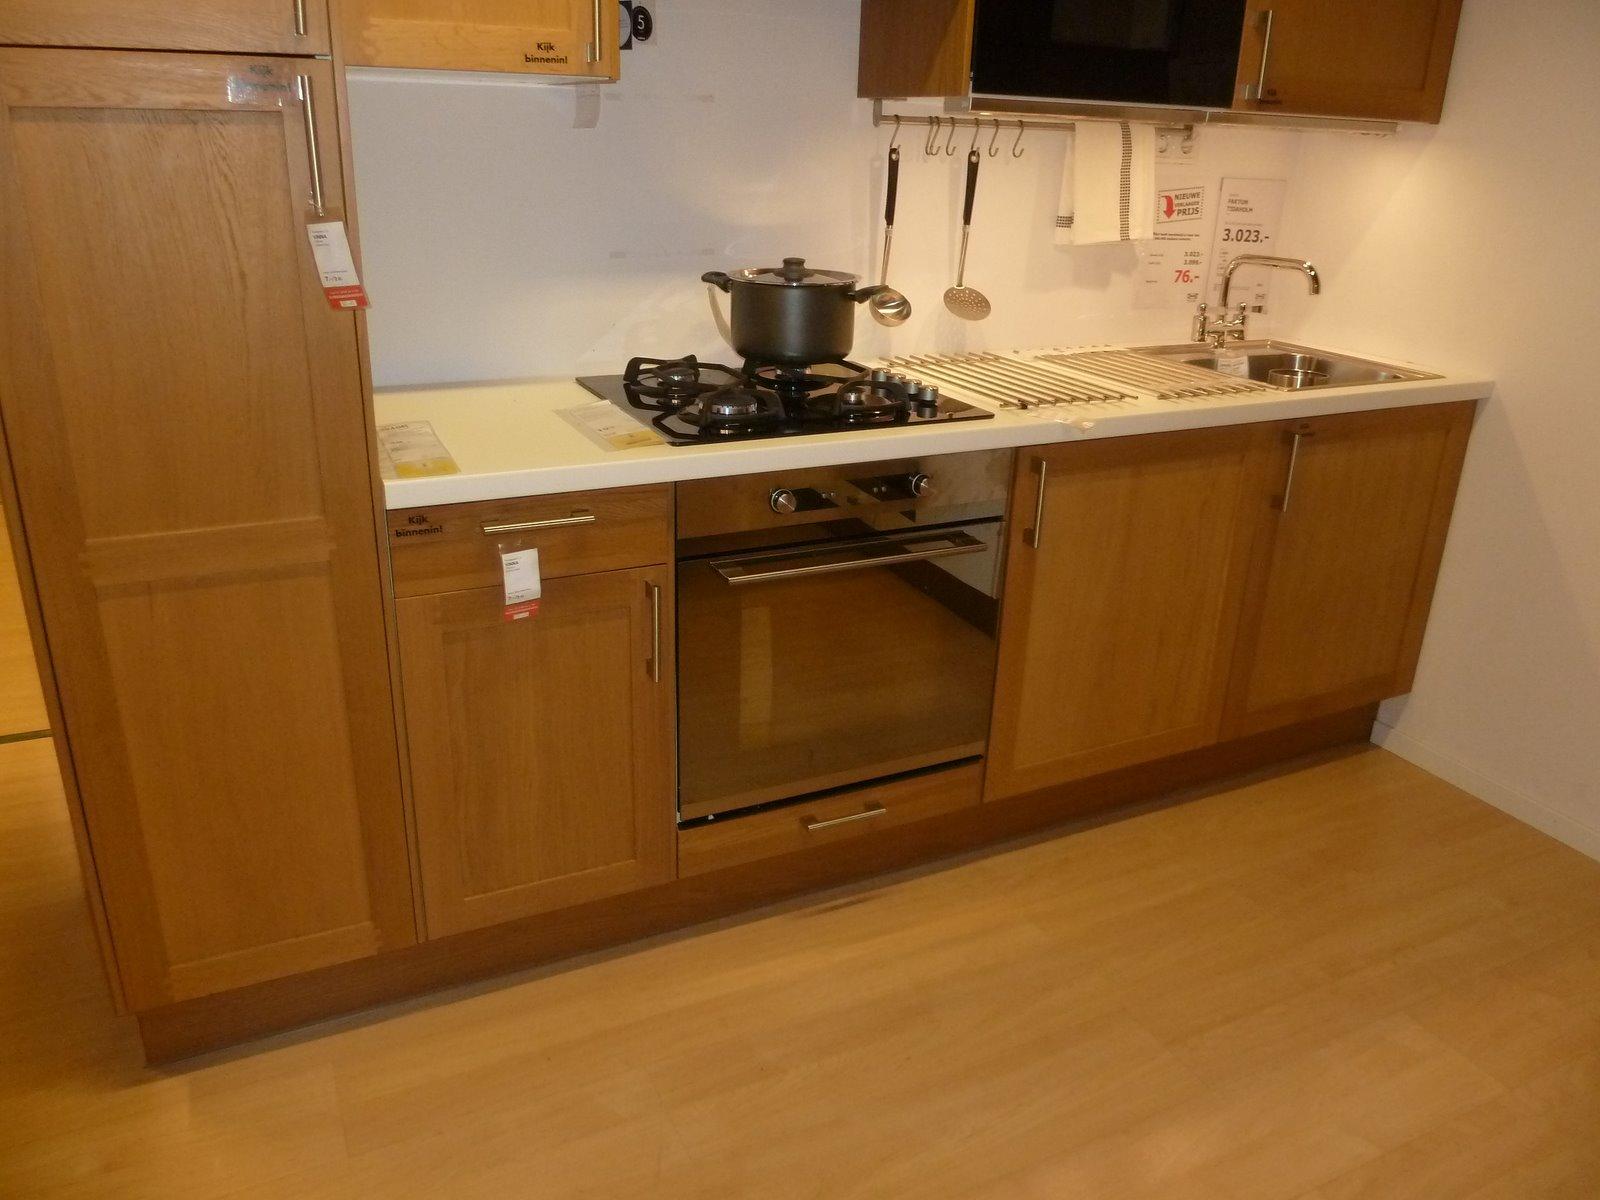 Ikea Keuken Uitzoeken : Hier de IKEA keuken die we hebben uitgezocht. Mooi van eiken hout